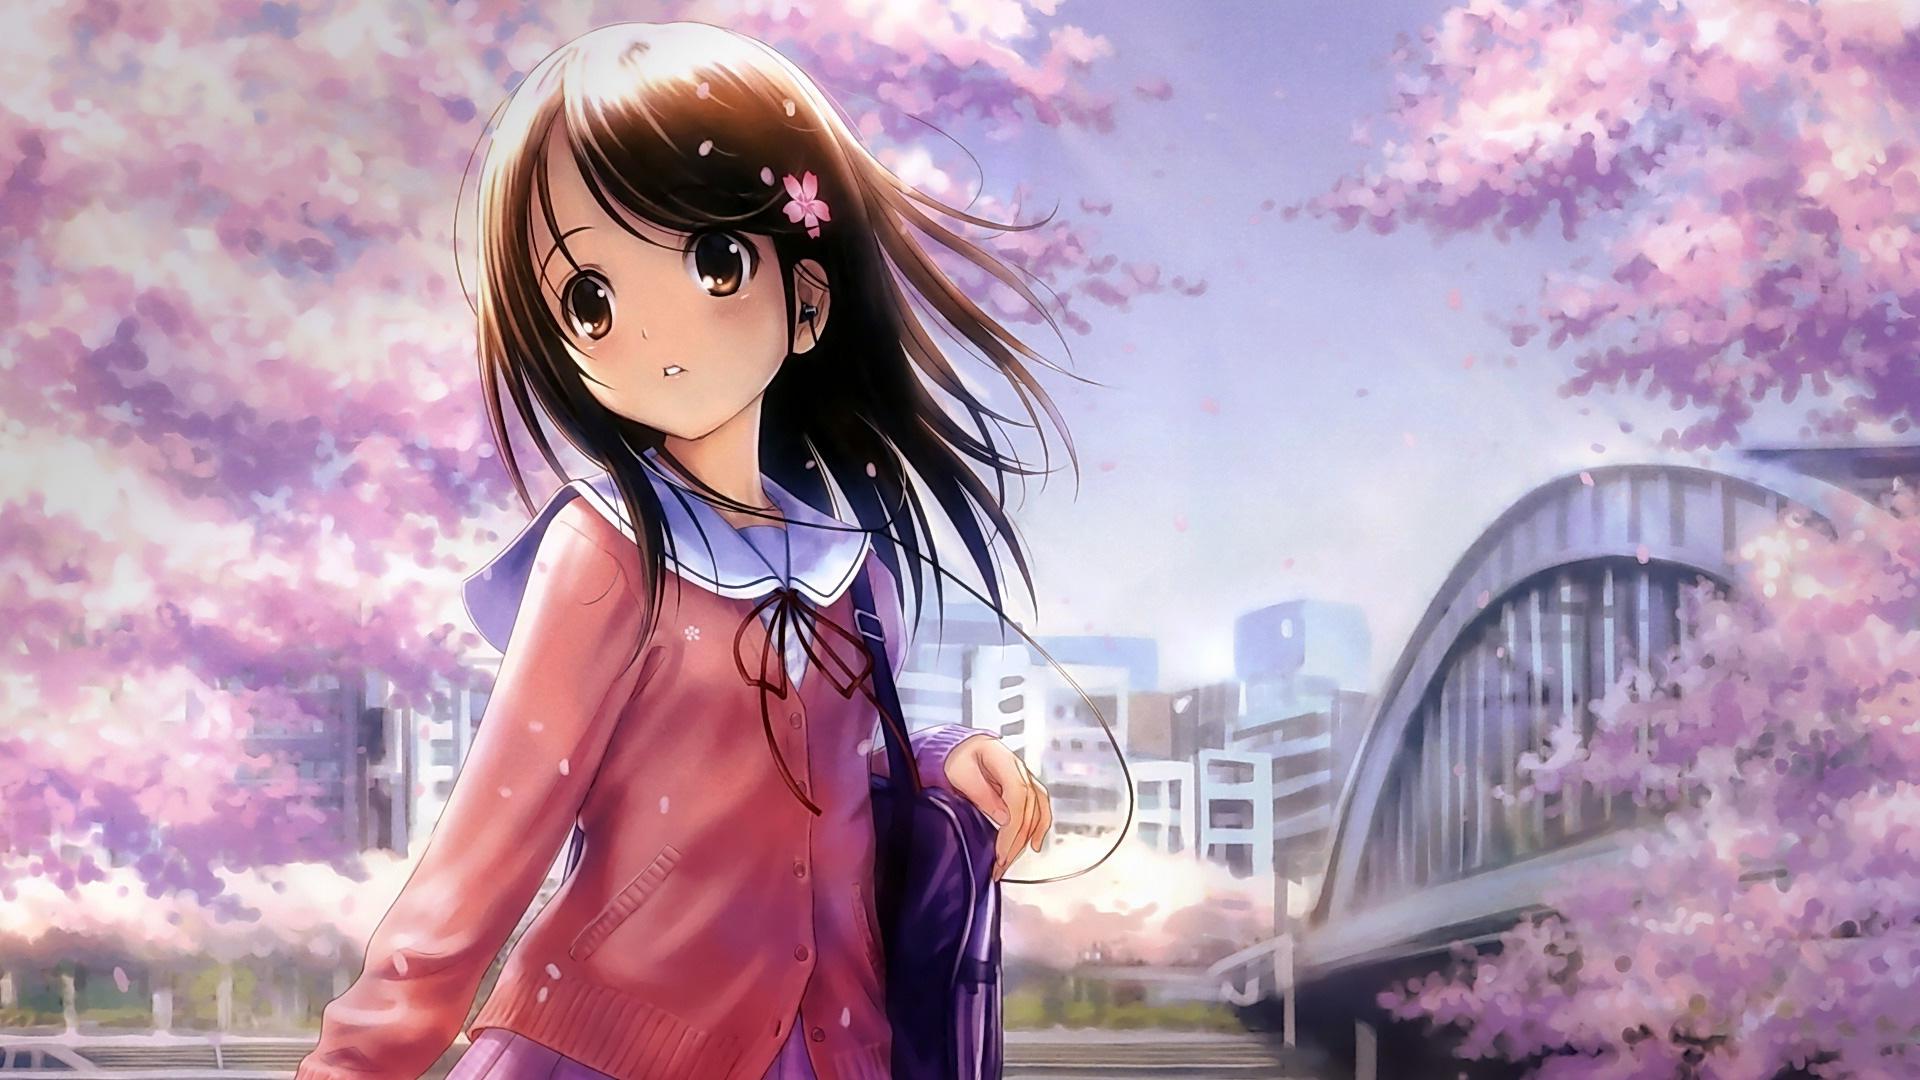 Unduh 720 Koleksi Background Anime Hp Gratis